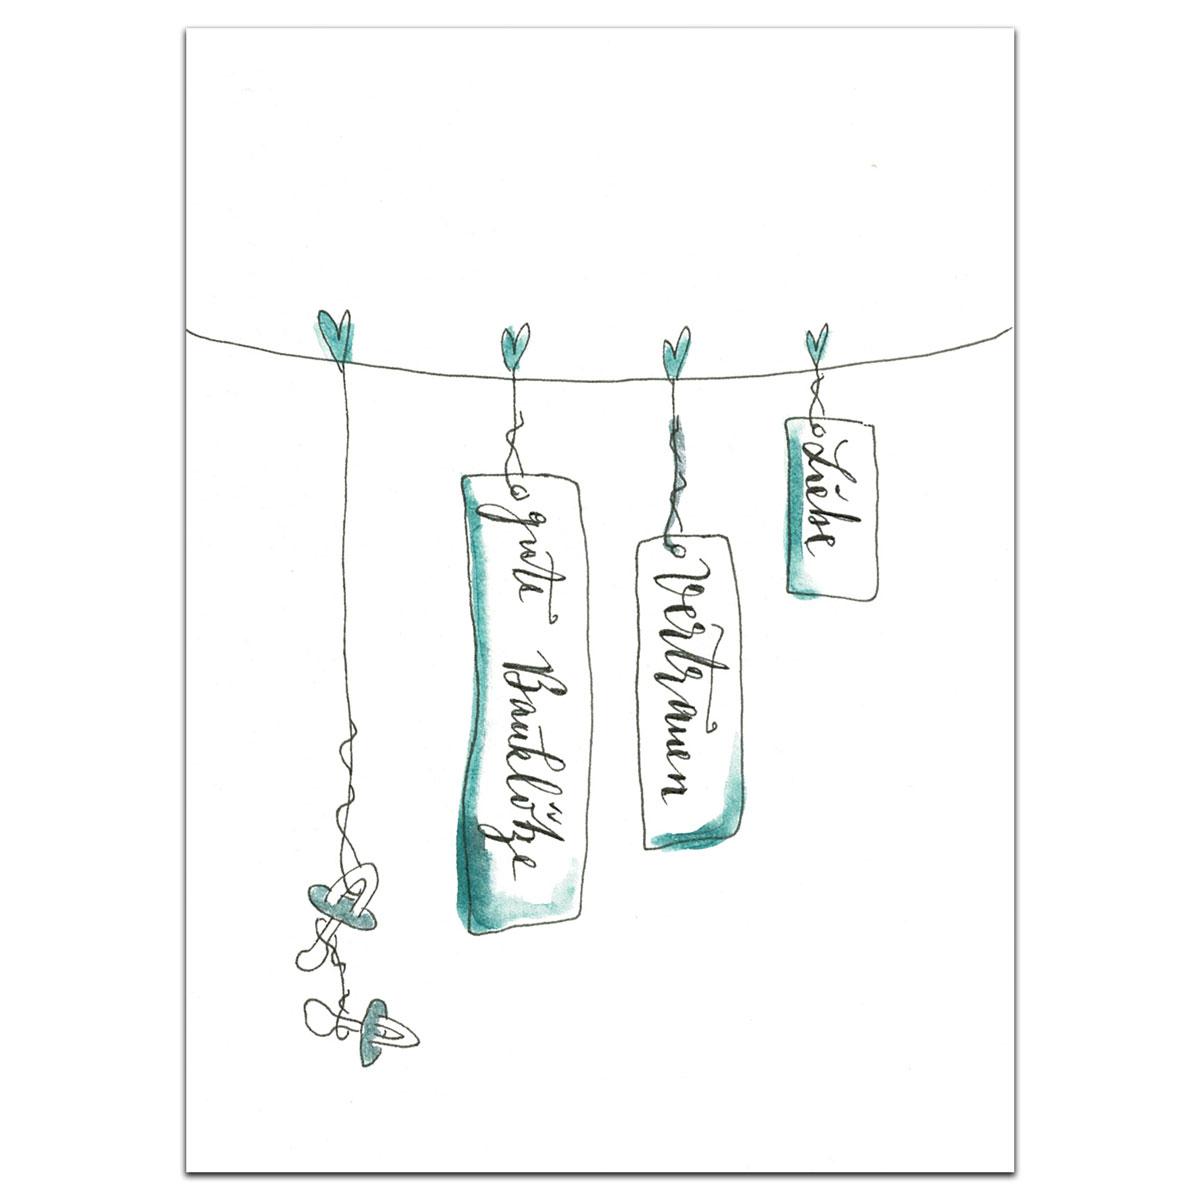 Grußkarte | Klappkarte zur Geburt mit Umschlag - Liebe, Vertrauen, gute Bauklötze, handgefertigt